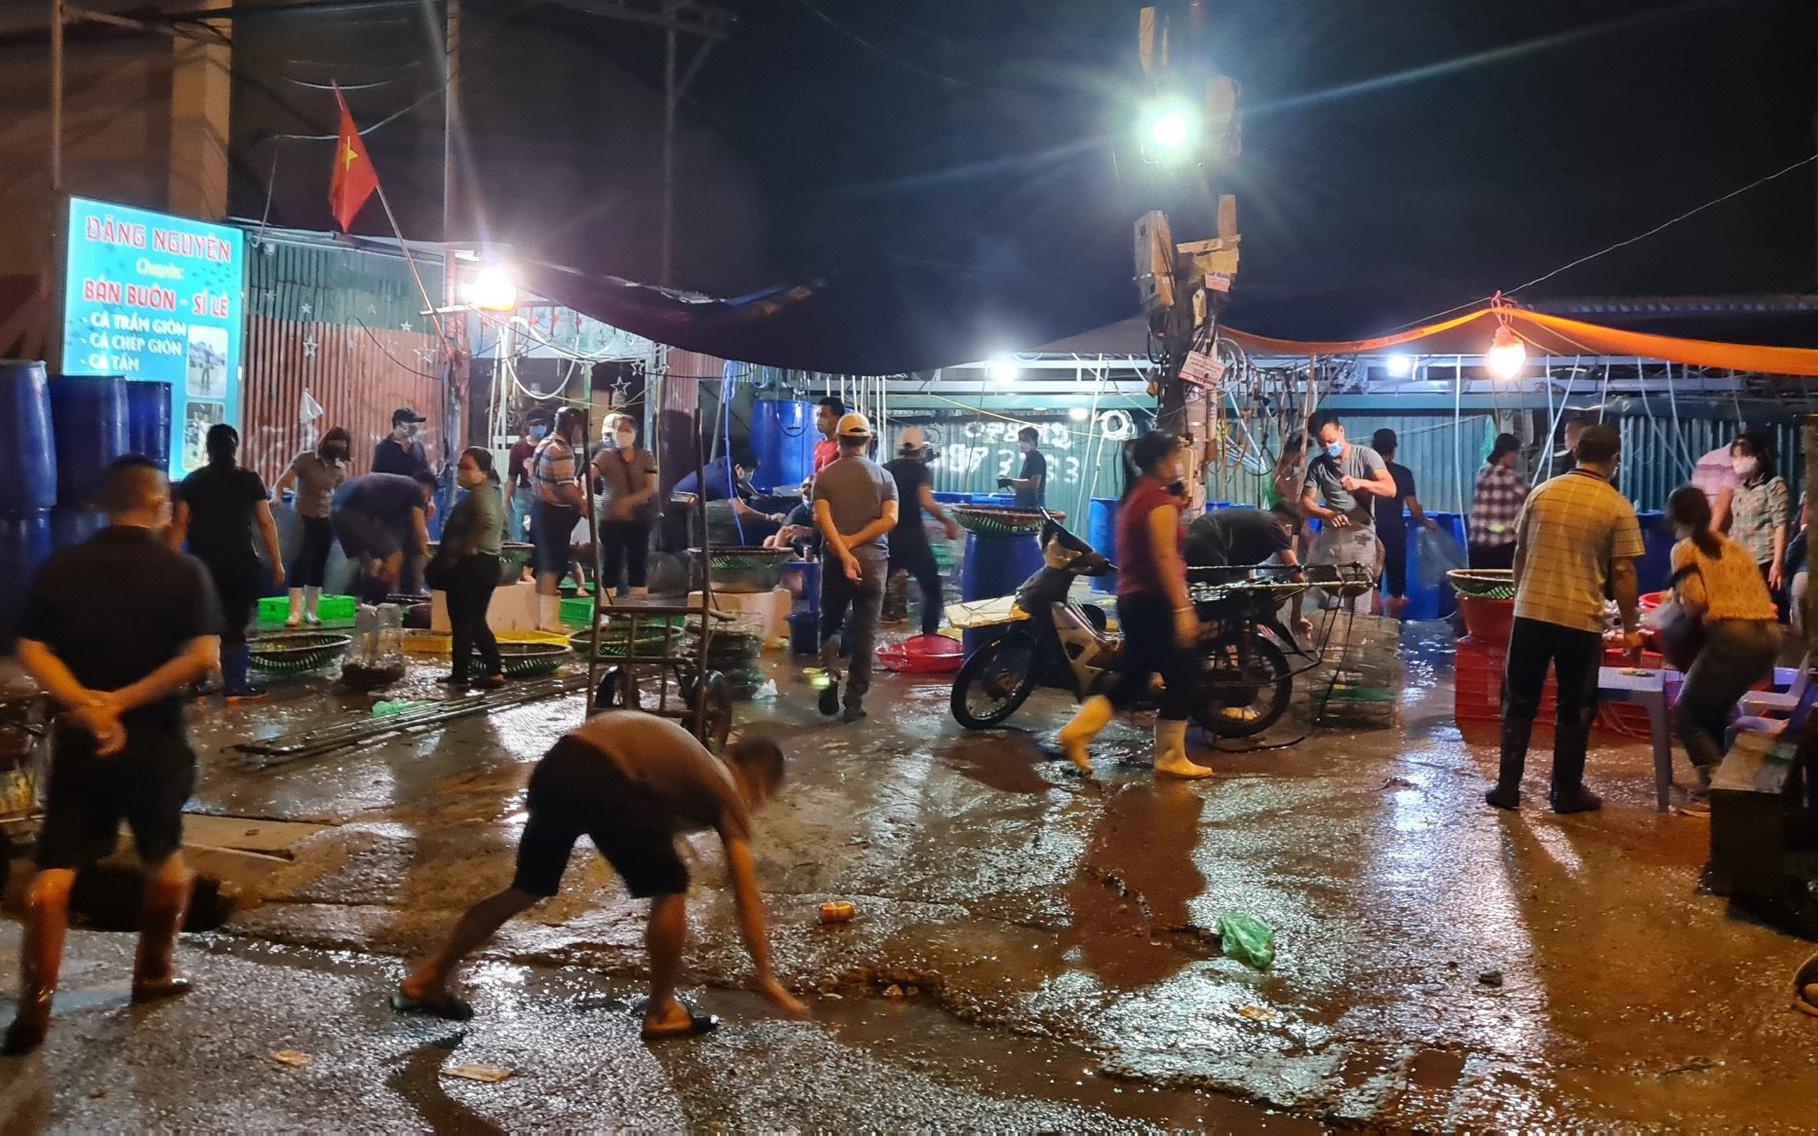 NÓNG: Giữa cao điểm chống dịch, hàng trăm người tụ tập bên ngoài chợ cá lớn nhất Hà Nội